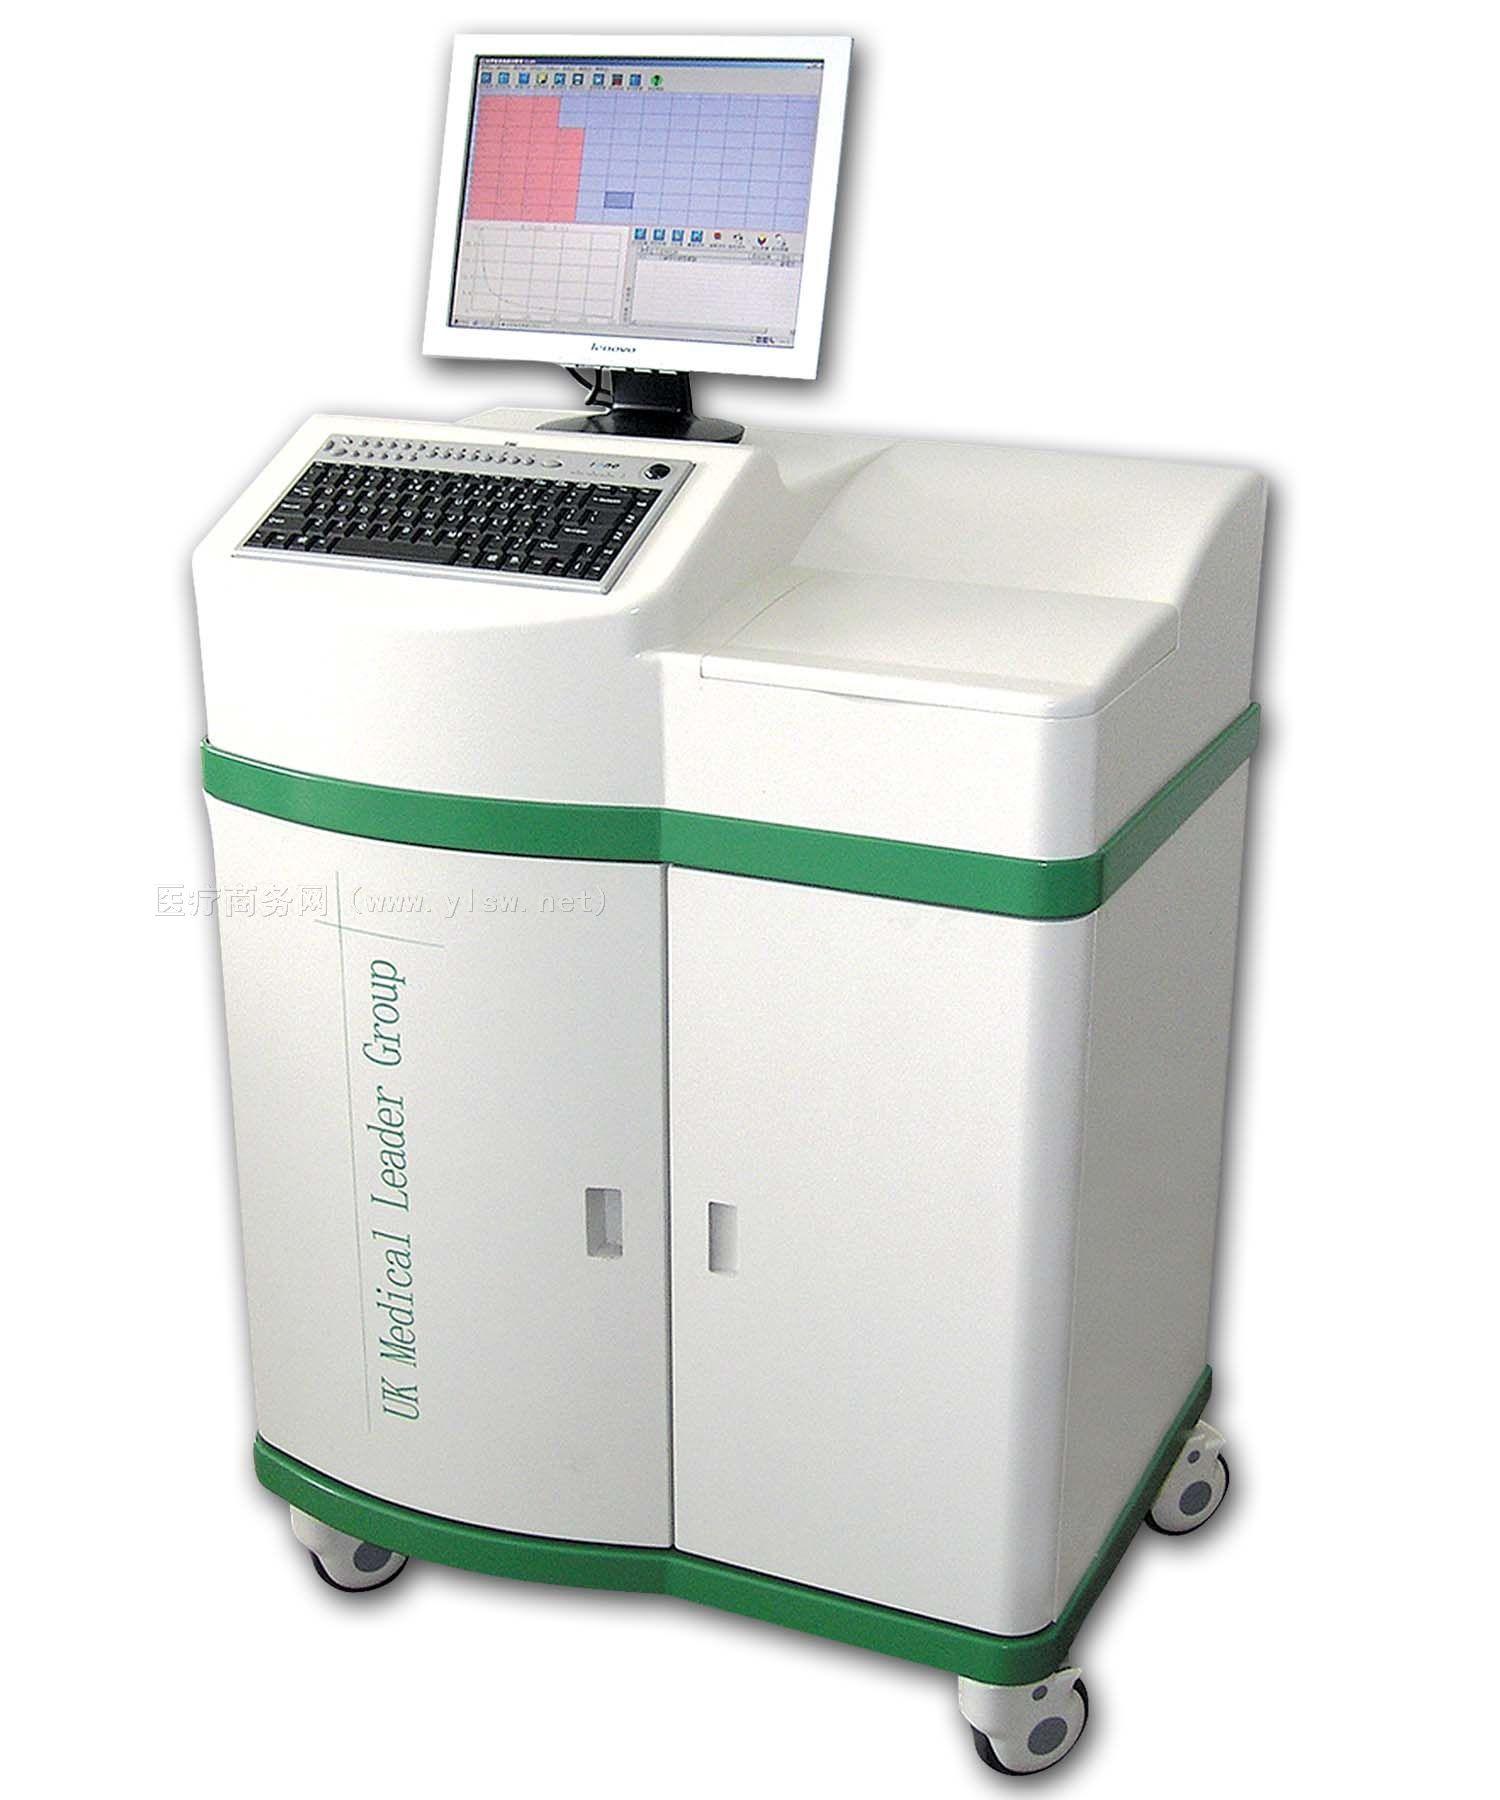 供应化学发光免疫分析仪